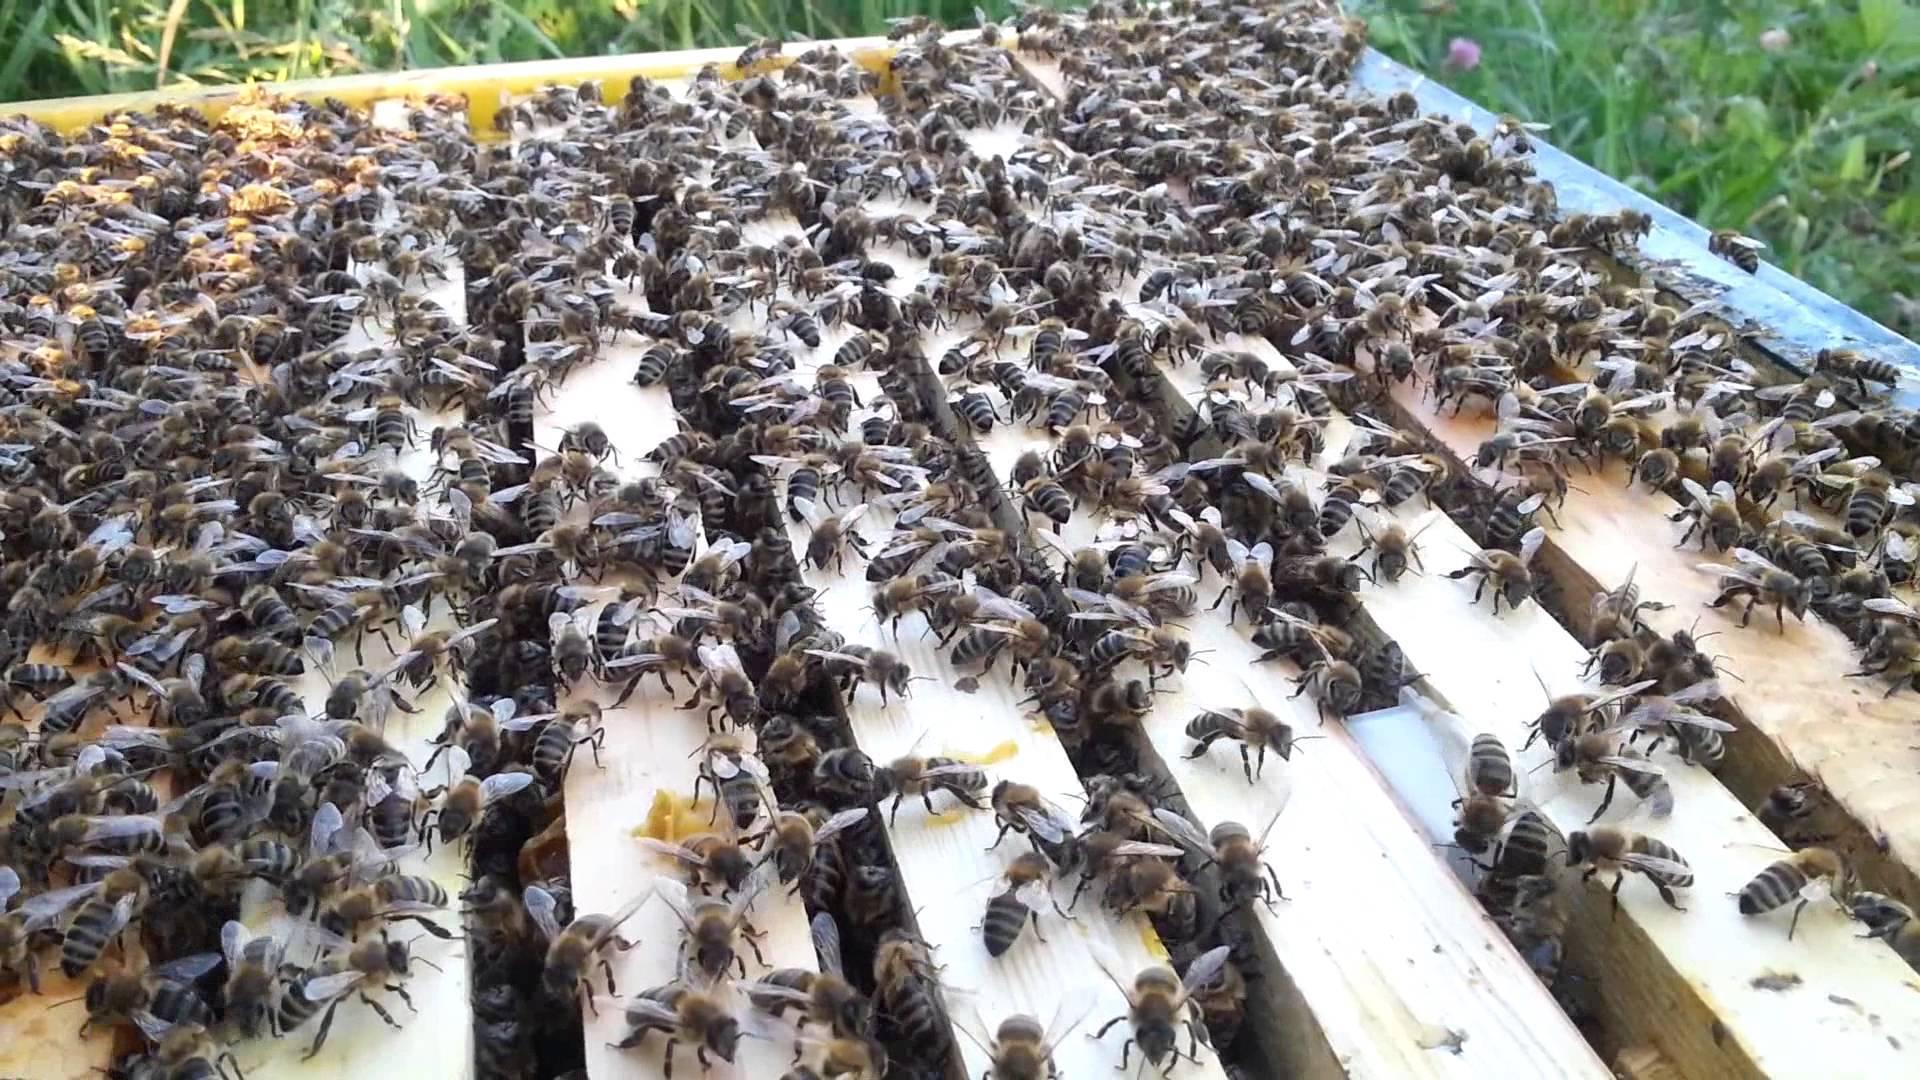 Что такое маточник? как правильно его вырезать и пересадить в новую пчелосемью?